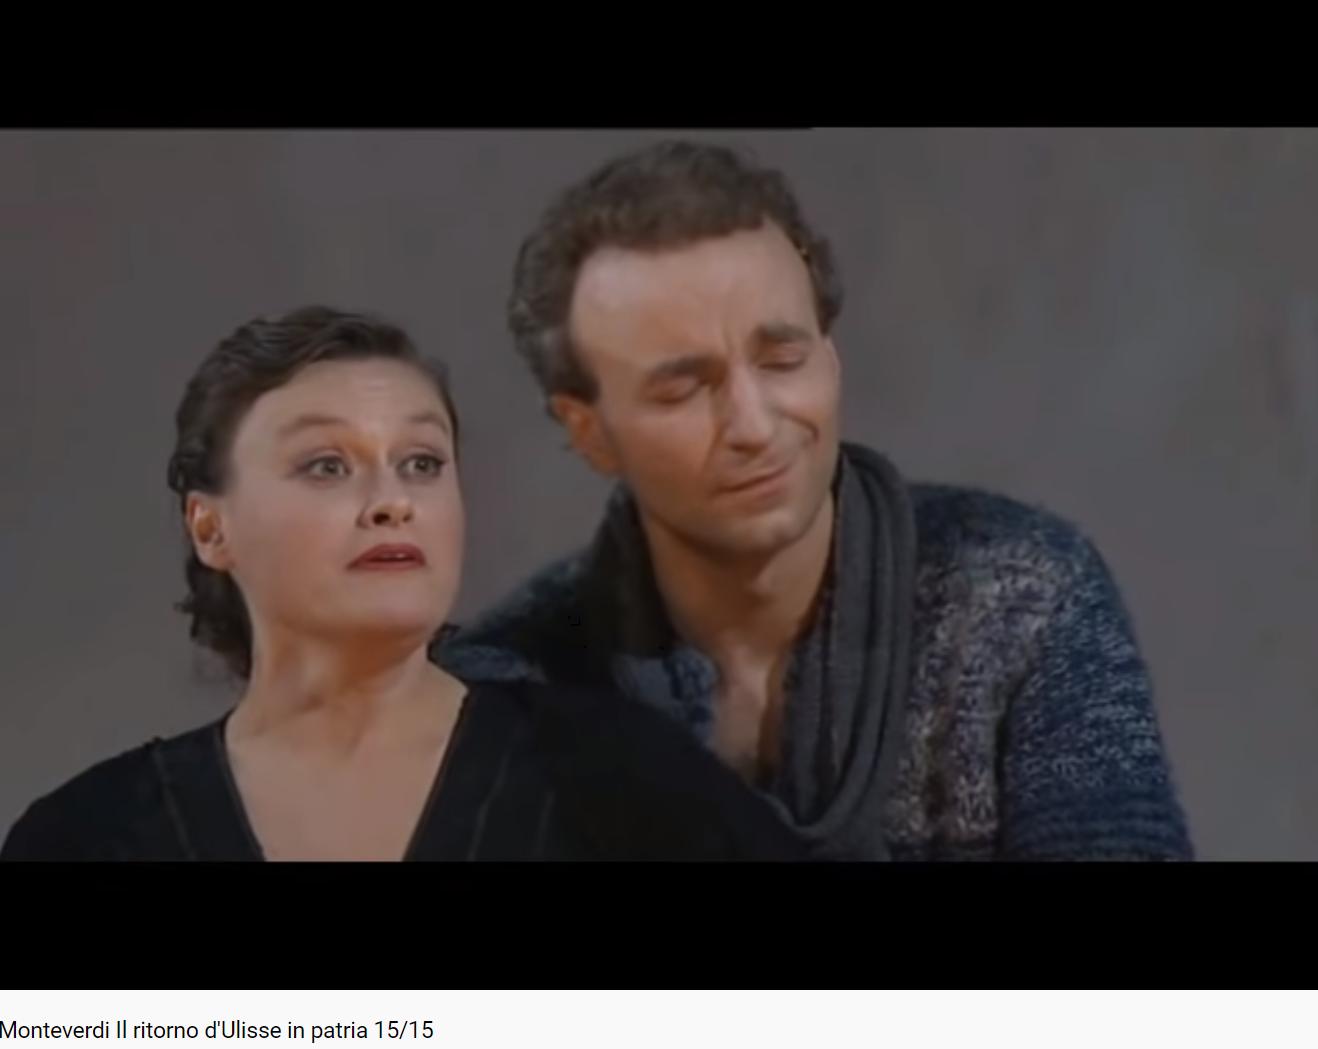 Monteverdi Il ritorno d'Ulisse final